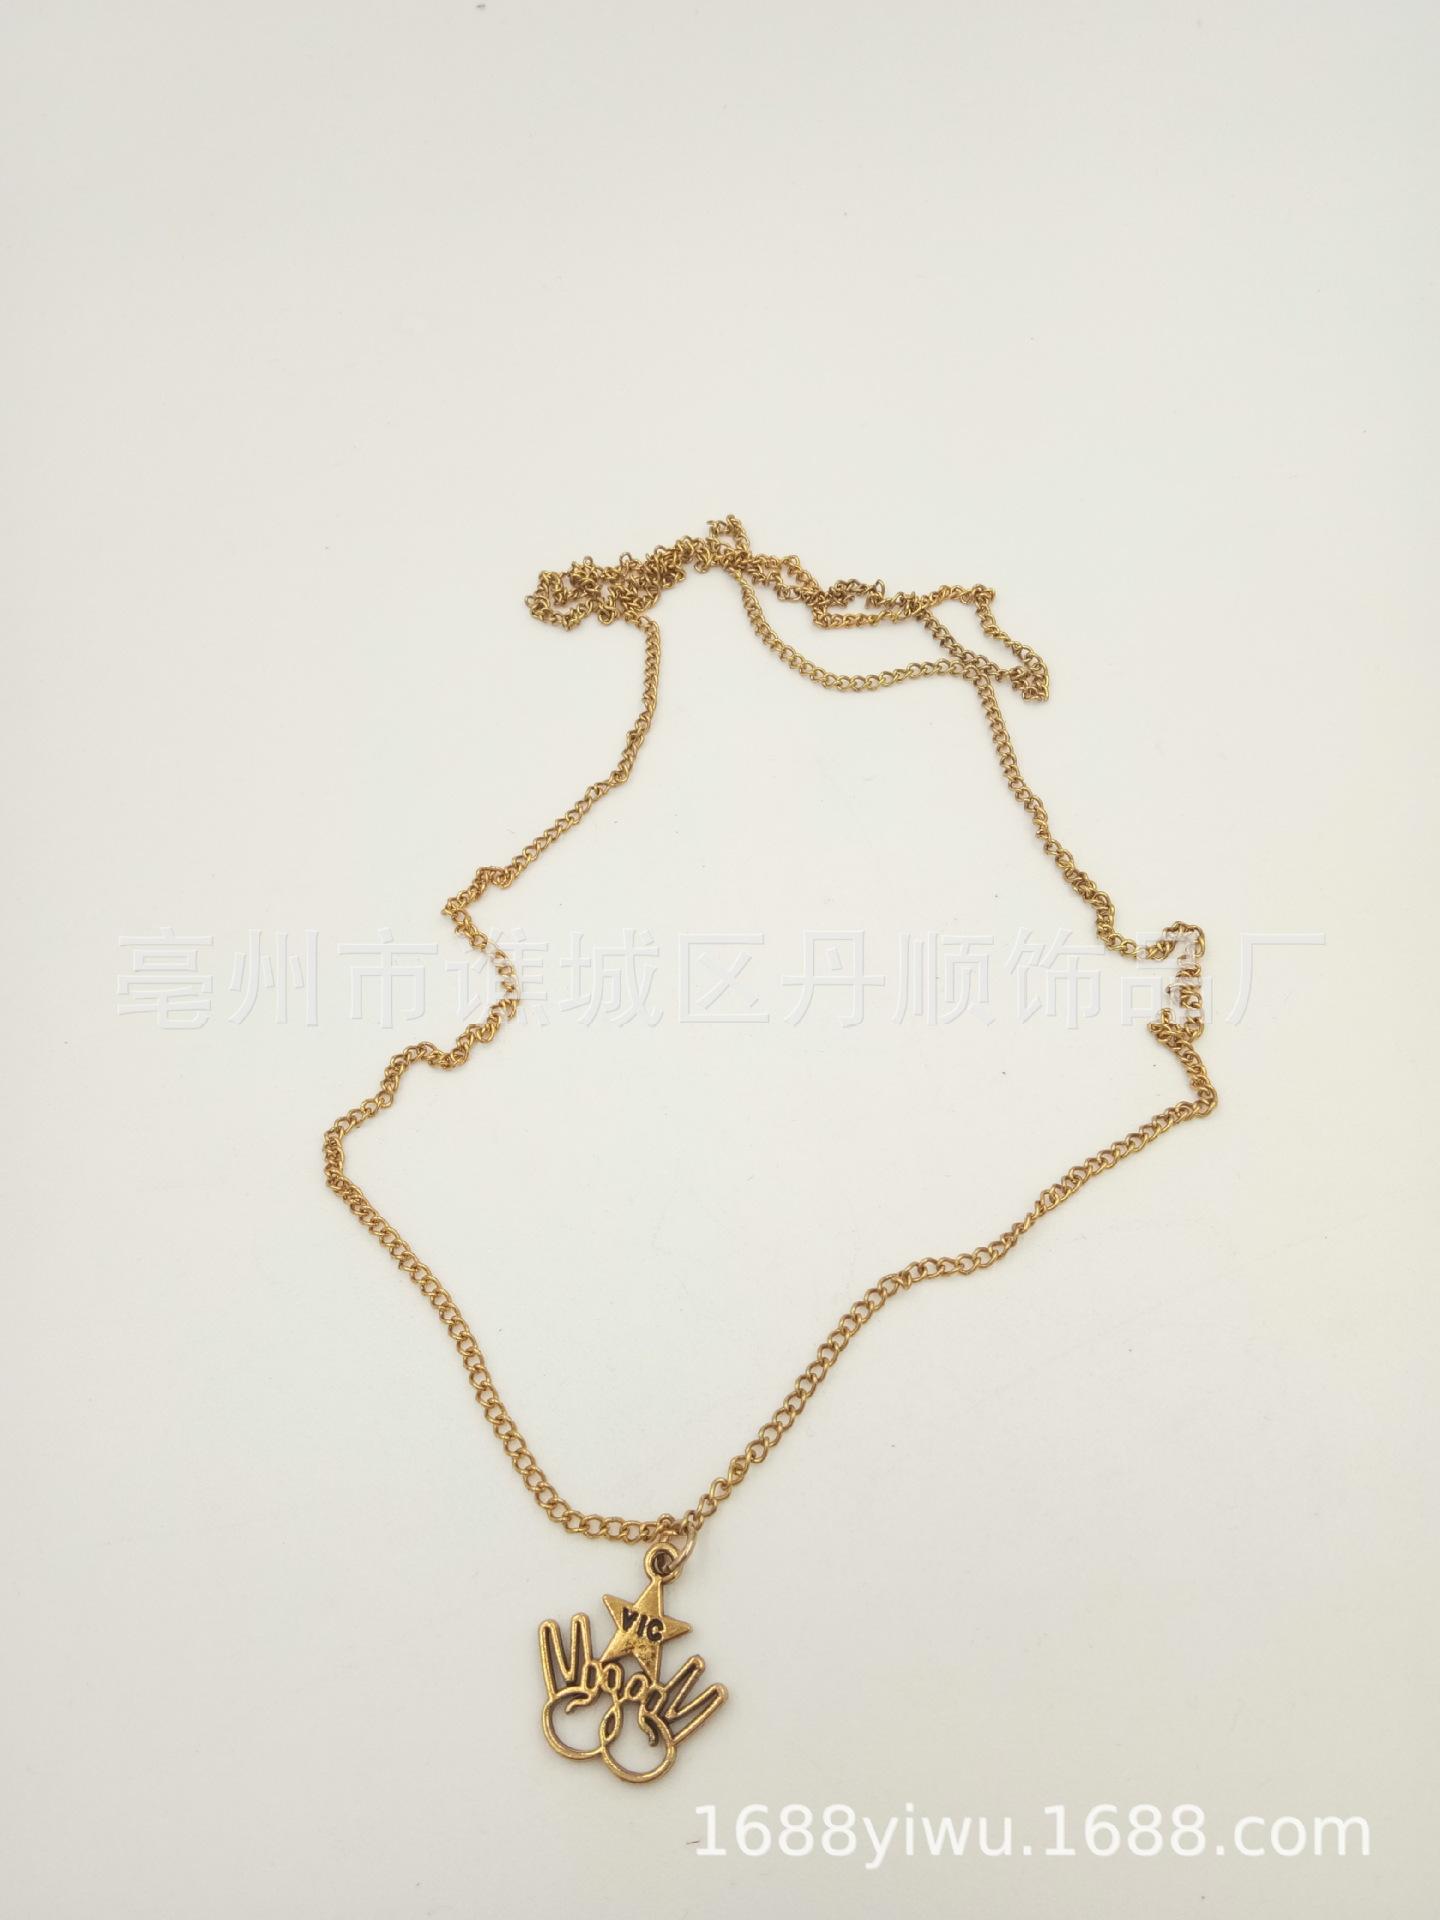 丹顺外贸饰品 时尚韩式长款项链 镂空小兔吊坠 时尚精美